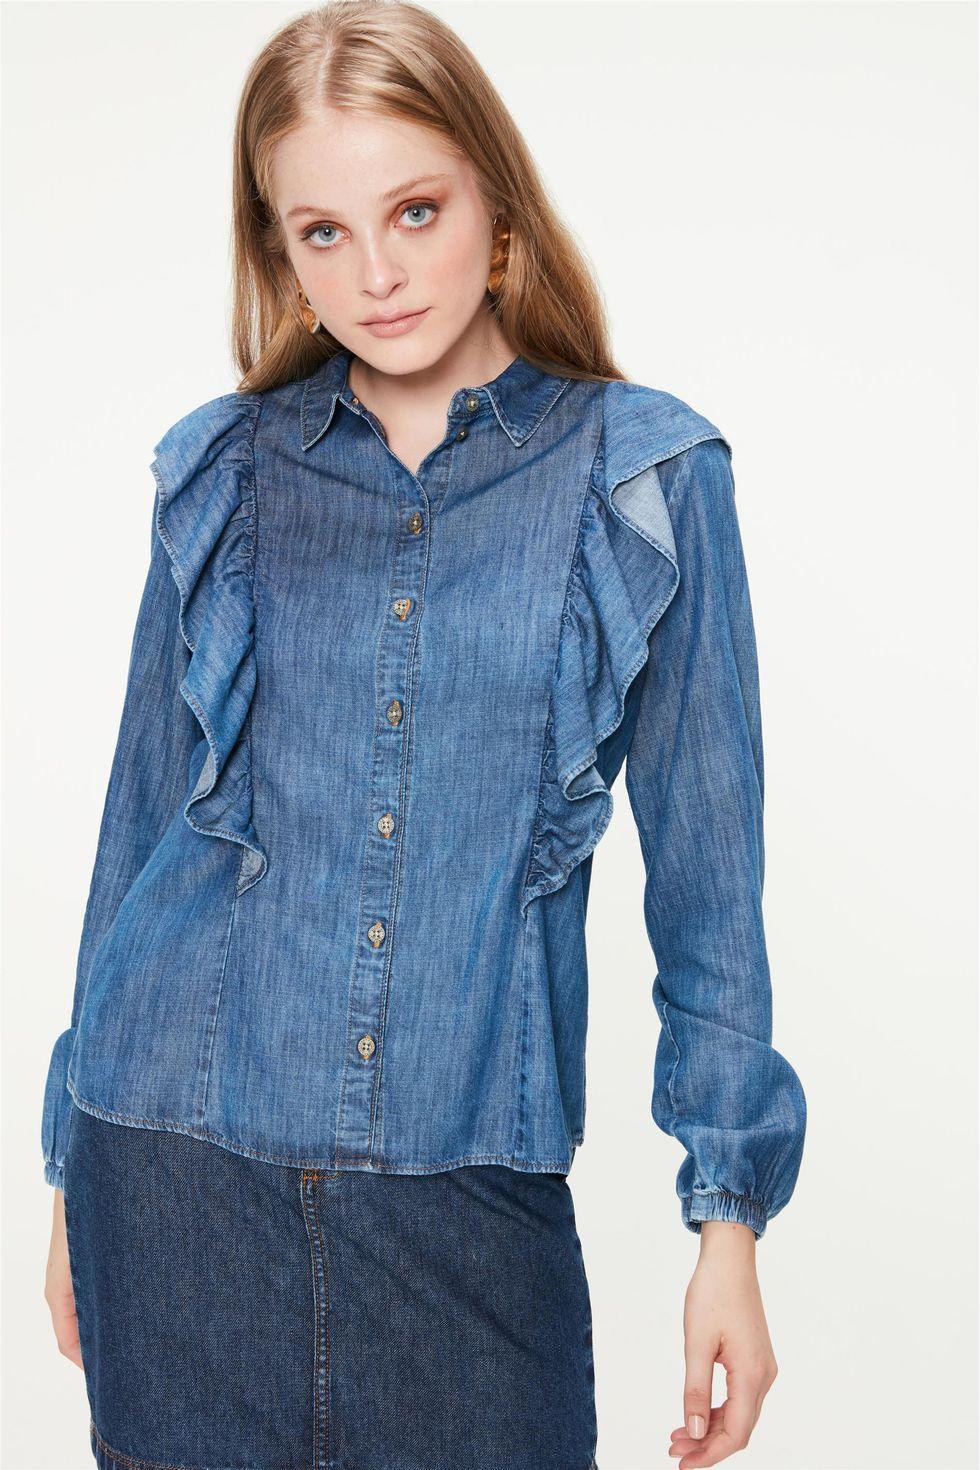 Camisa-Jeans-com-Babados-Feminina-Frente--